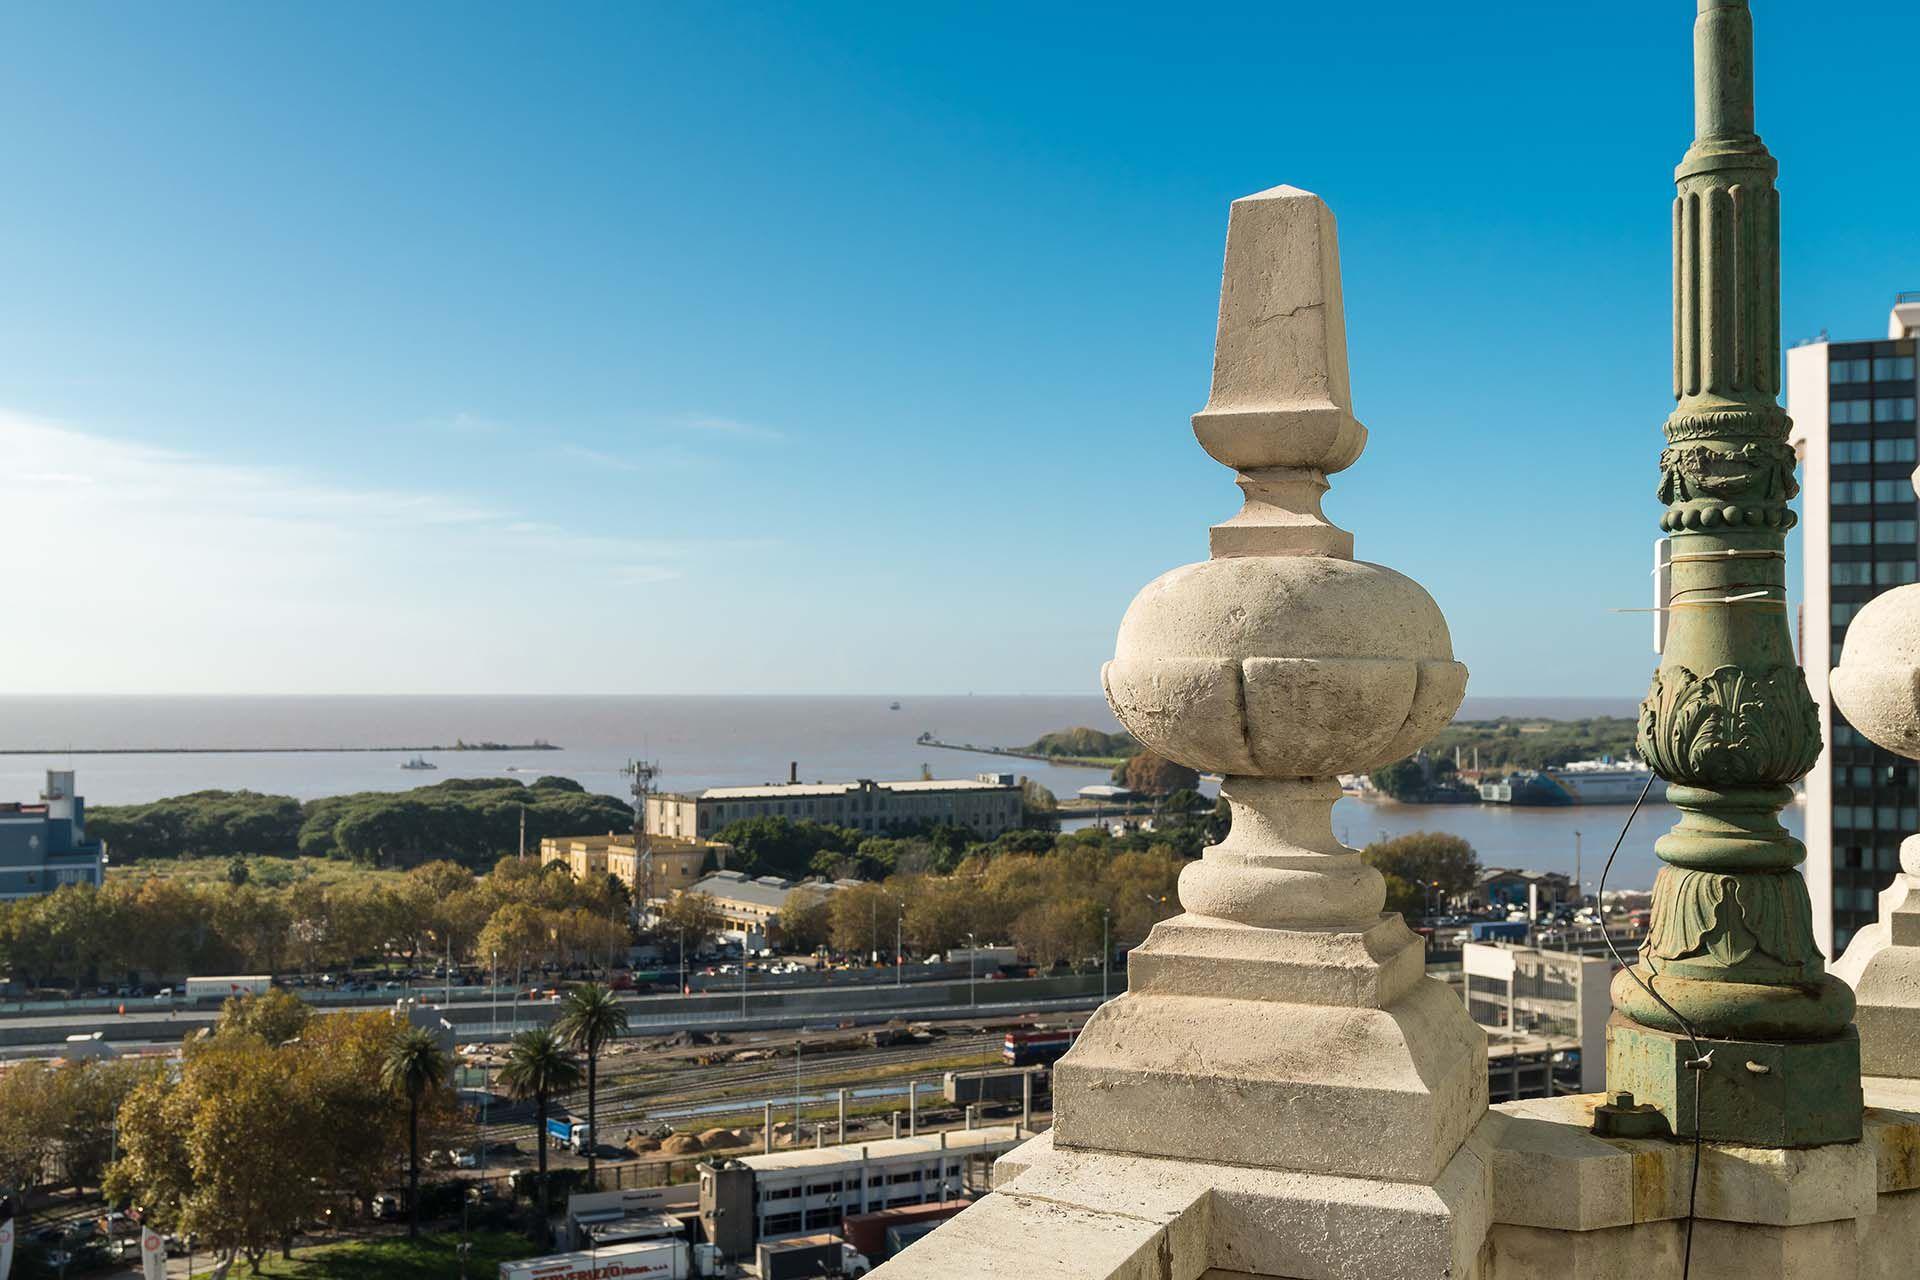 La vista 360 desde el piso 6 de la Torre de los Ingleses